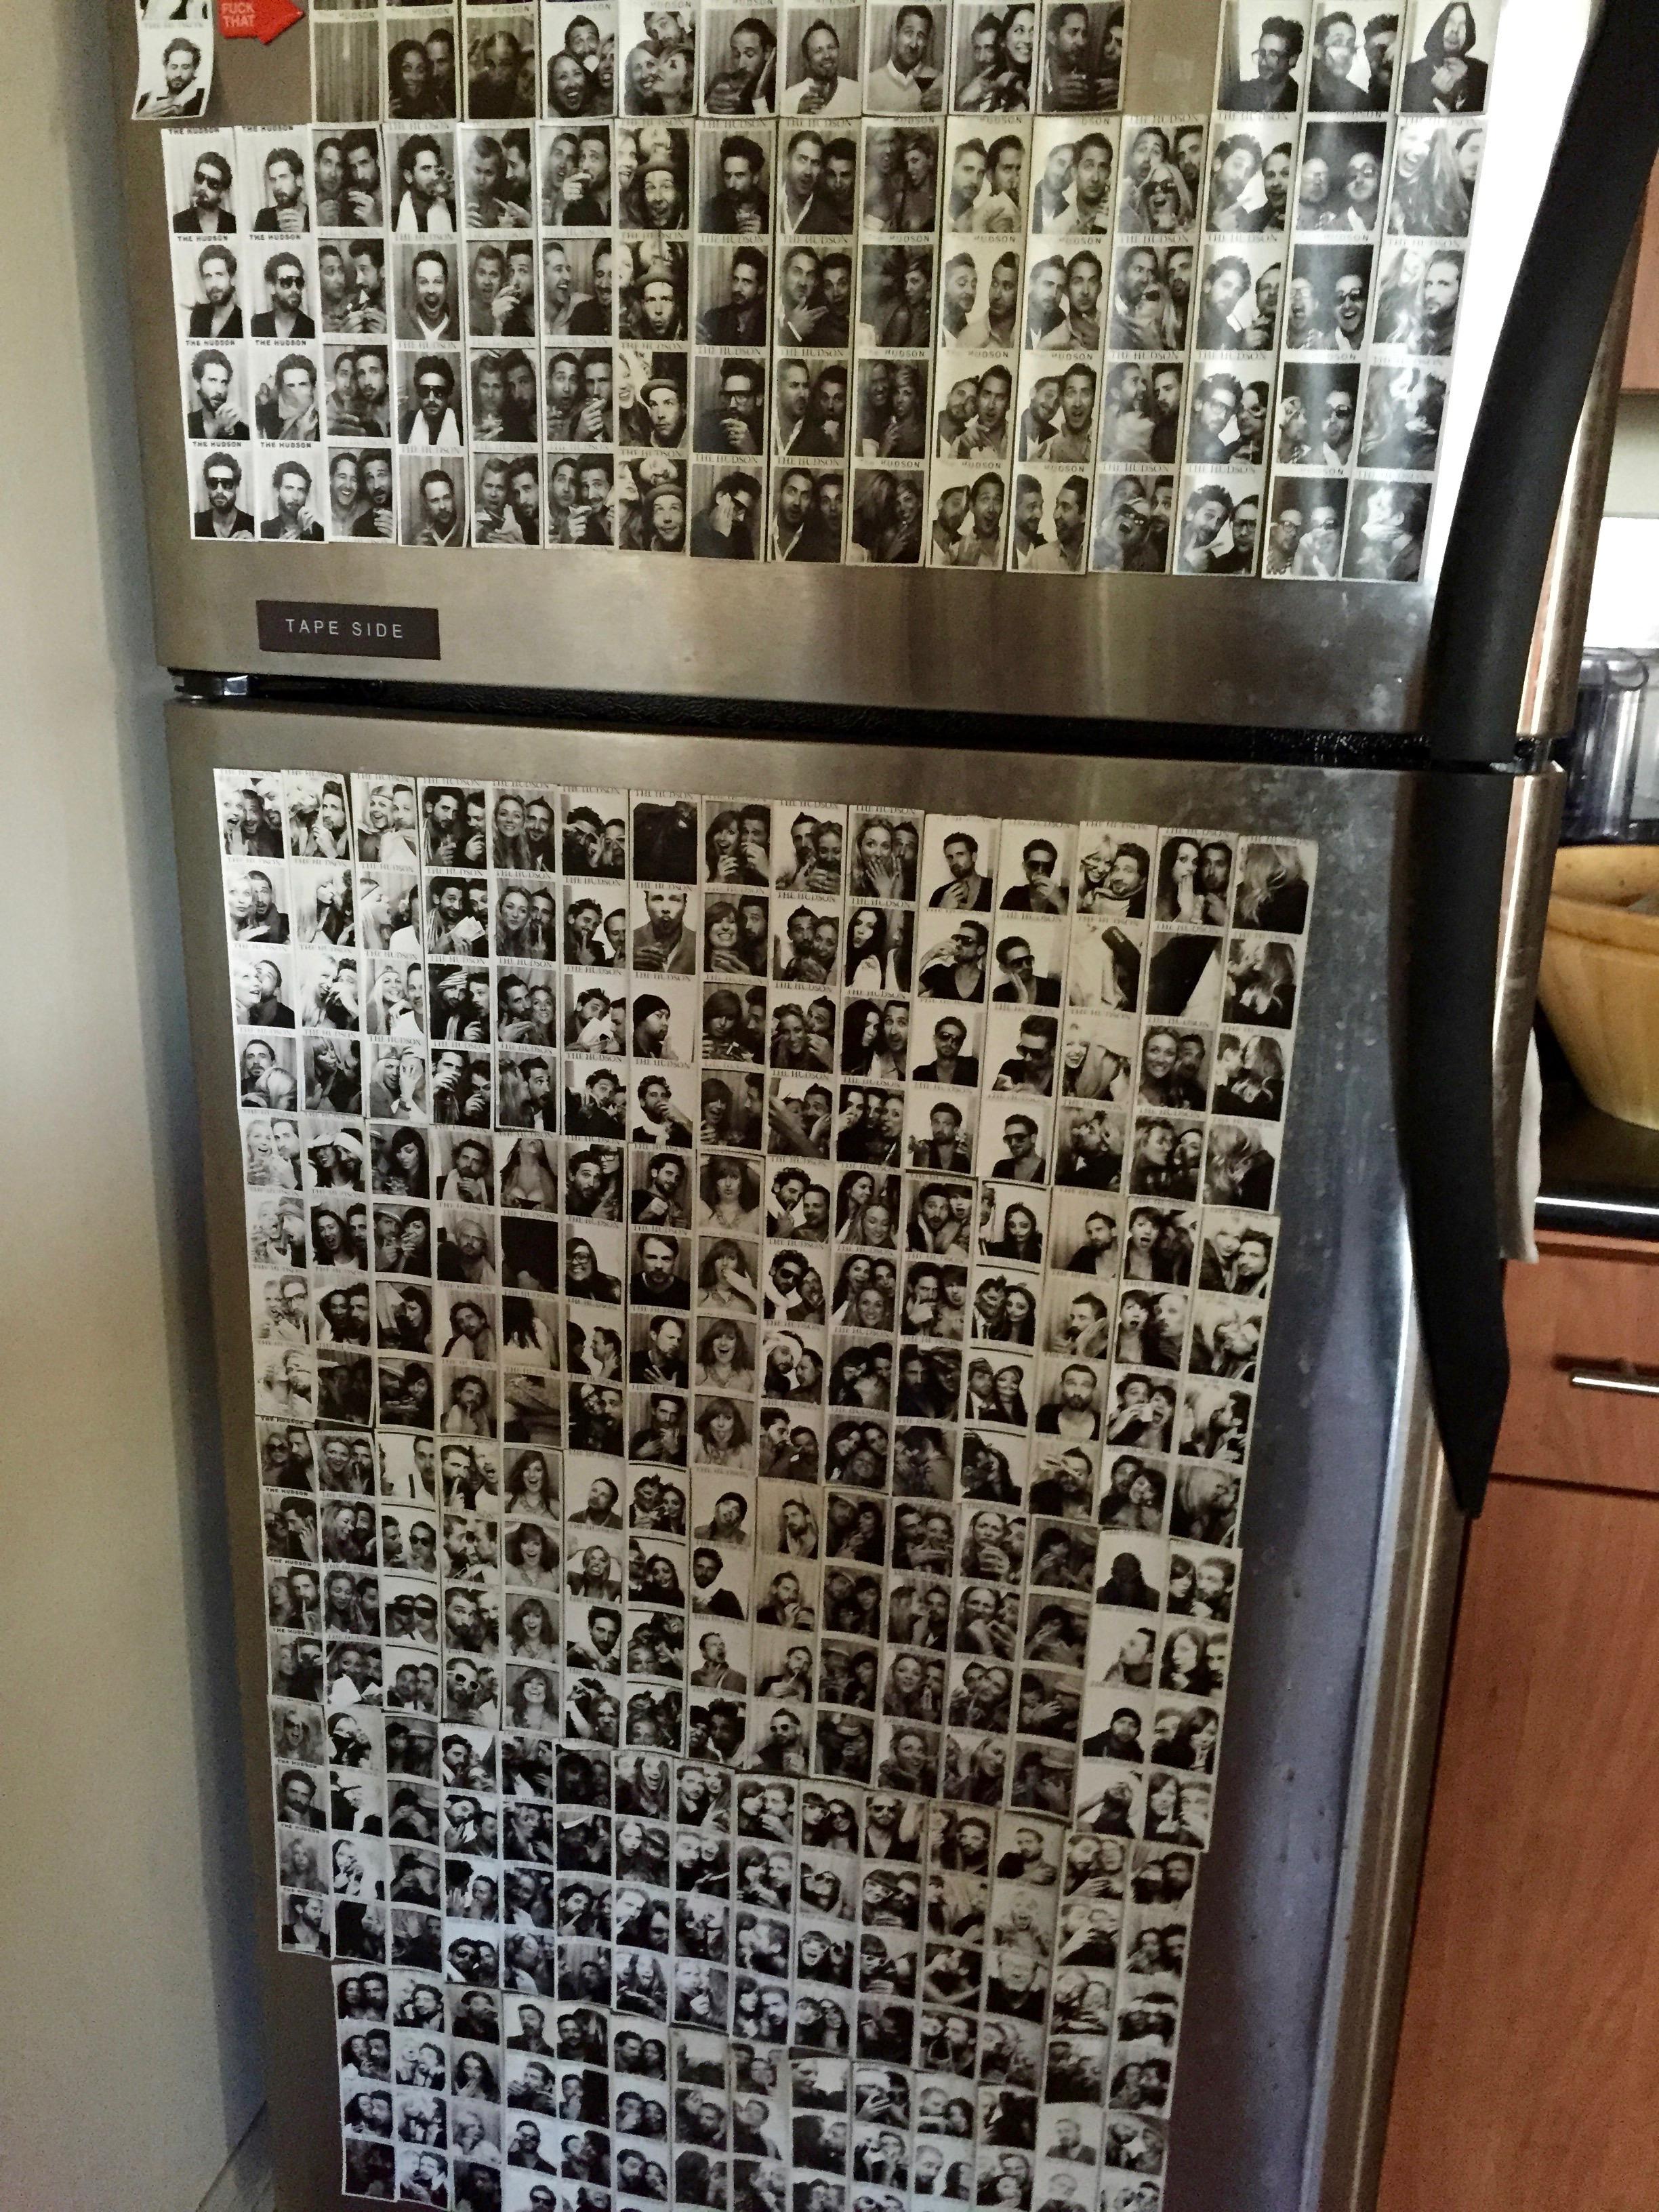 貼滿了照片的冰箱